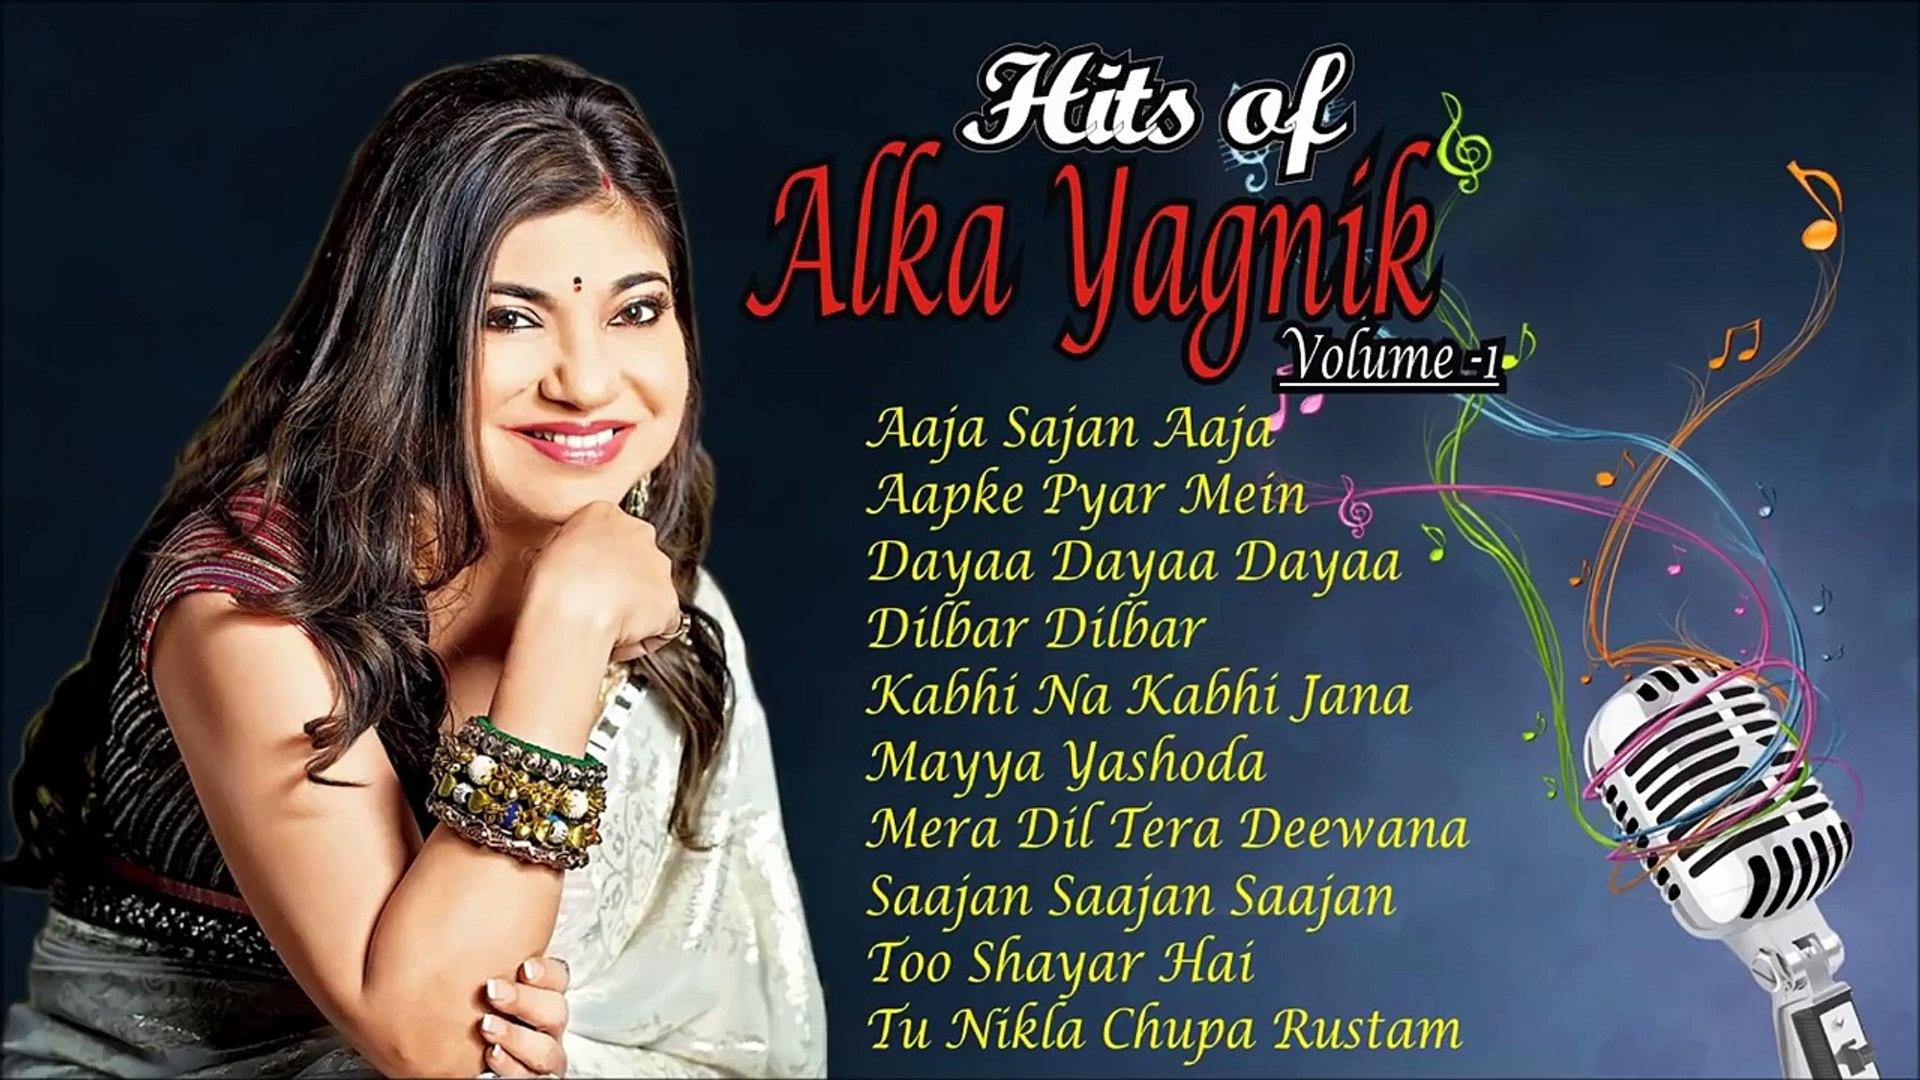 Alka Yagnik Mera Dil Tera Deewana - Music Mancanegara